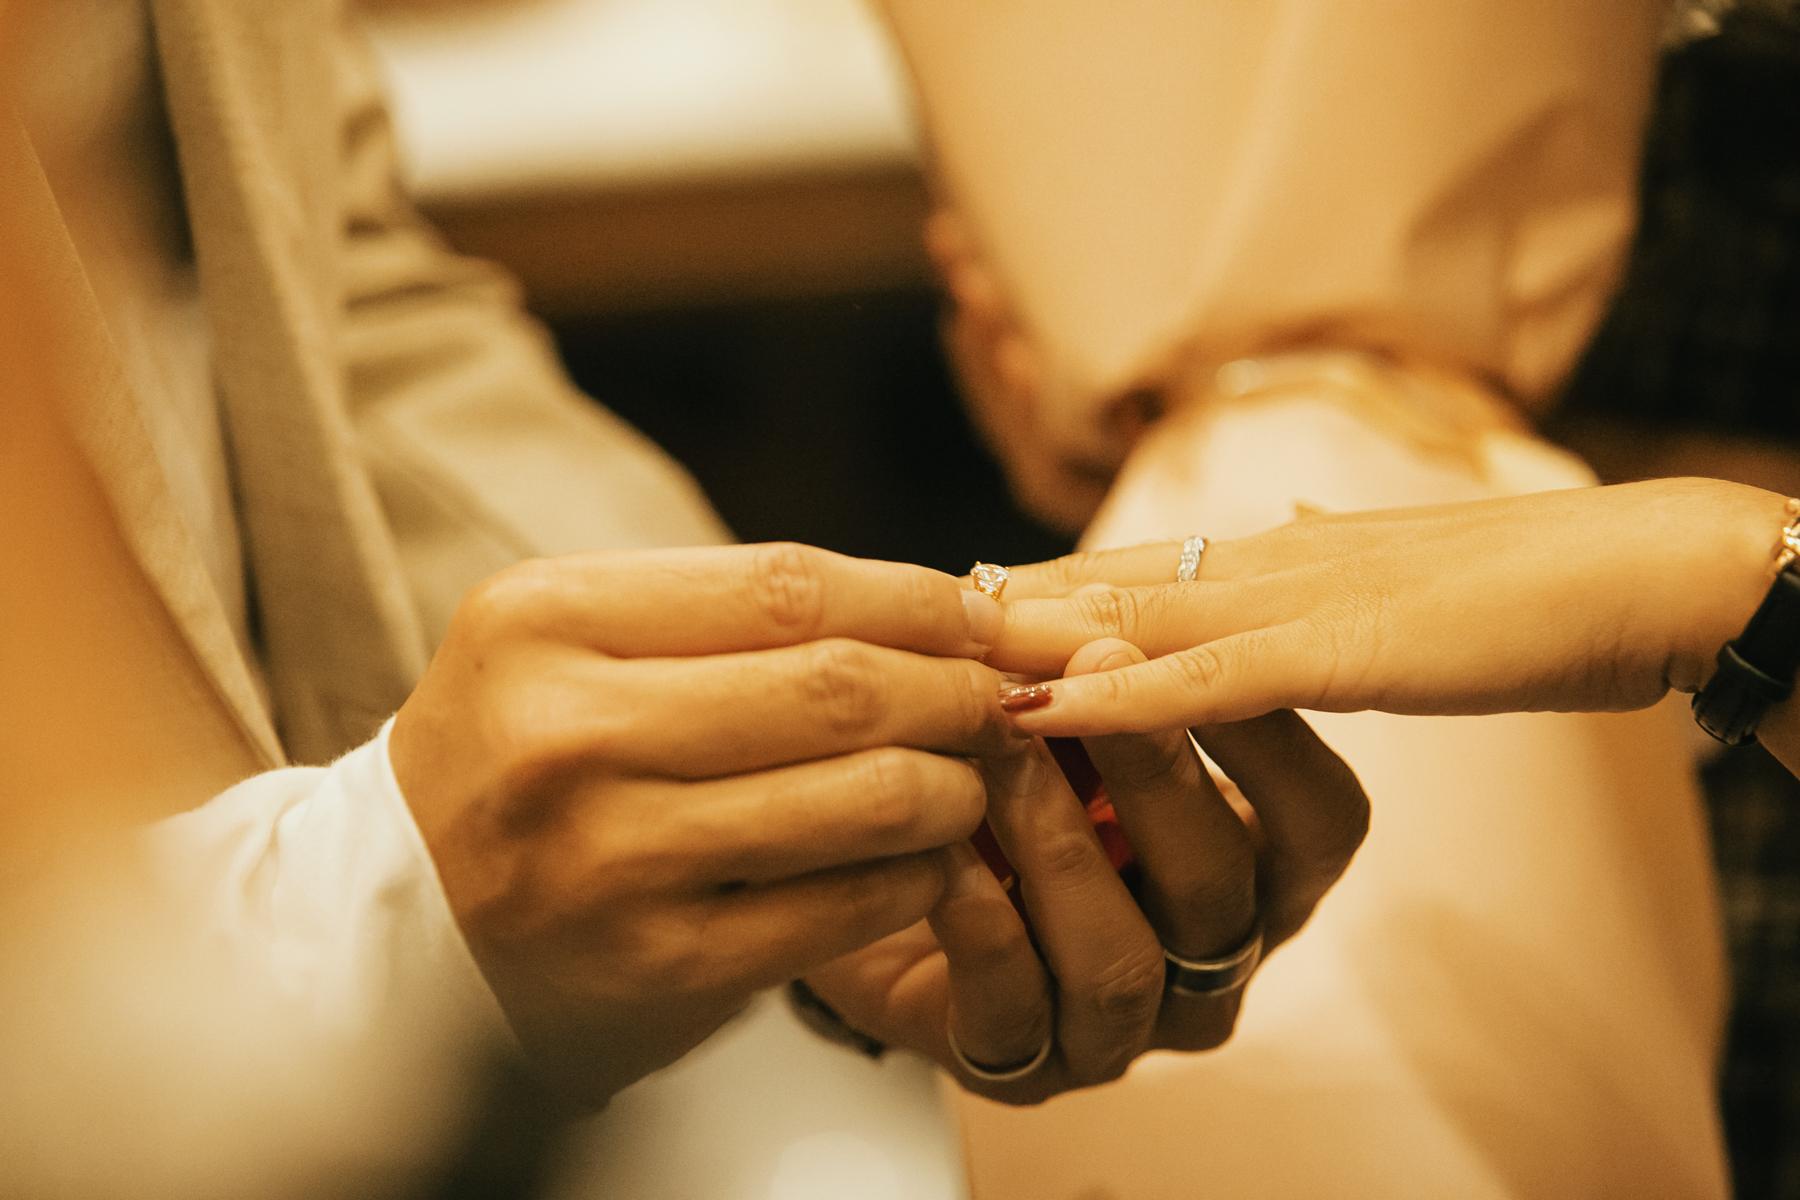 Khoảnh khắc thiêng liêng đánh dấu tình yêu của cặp đôi.